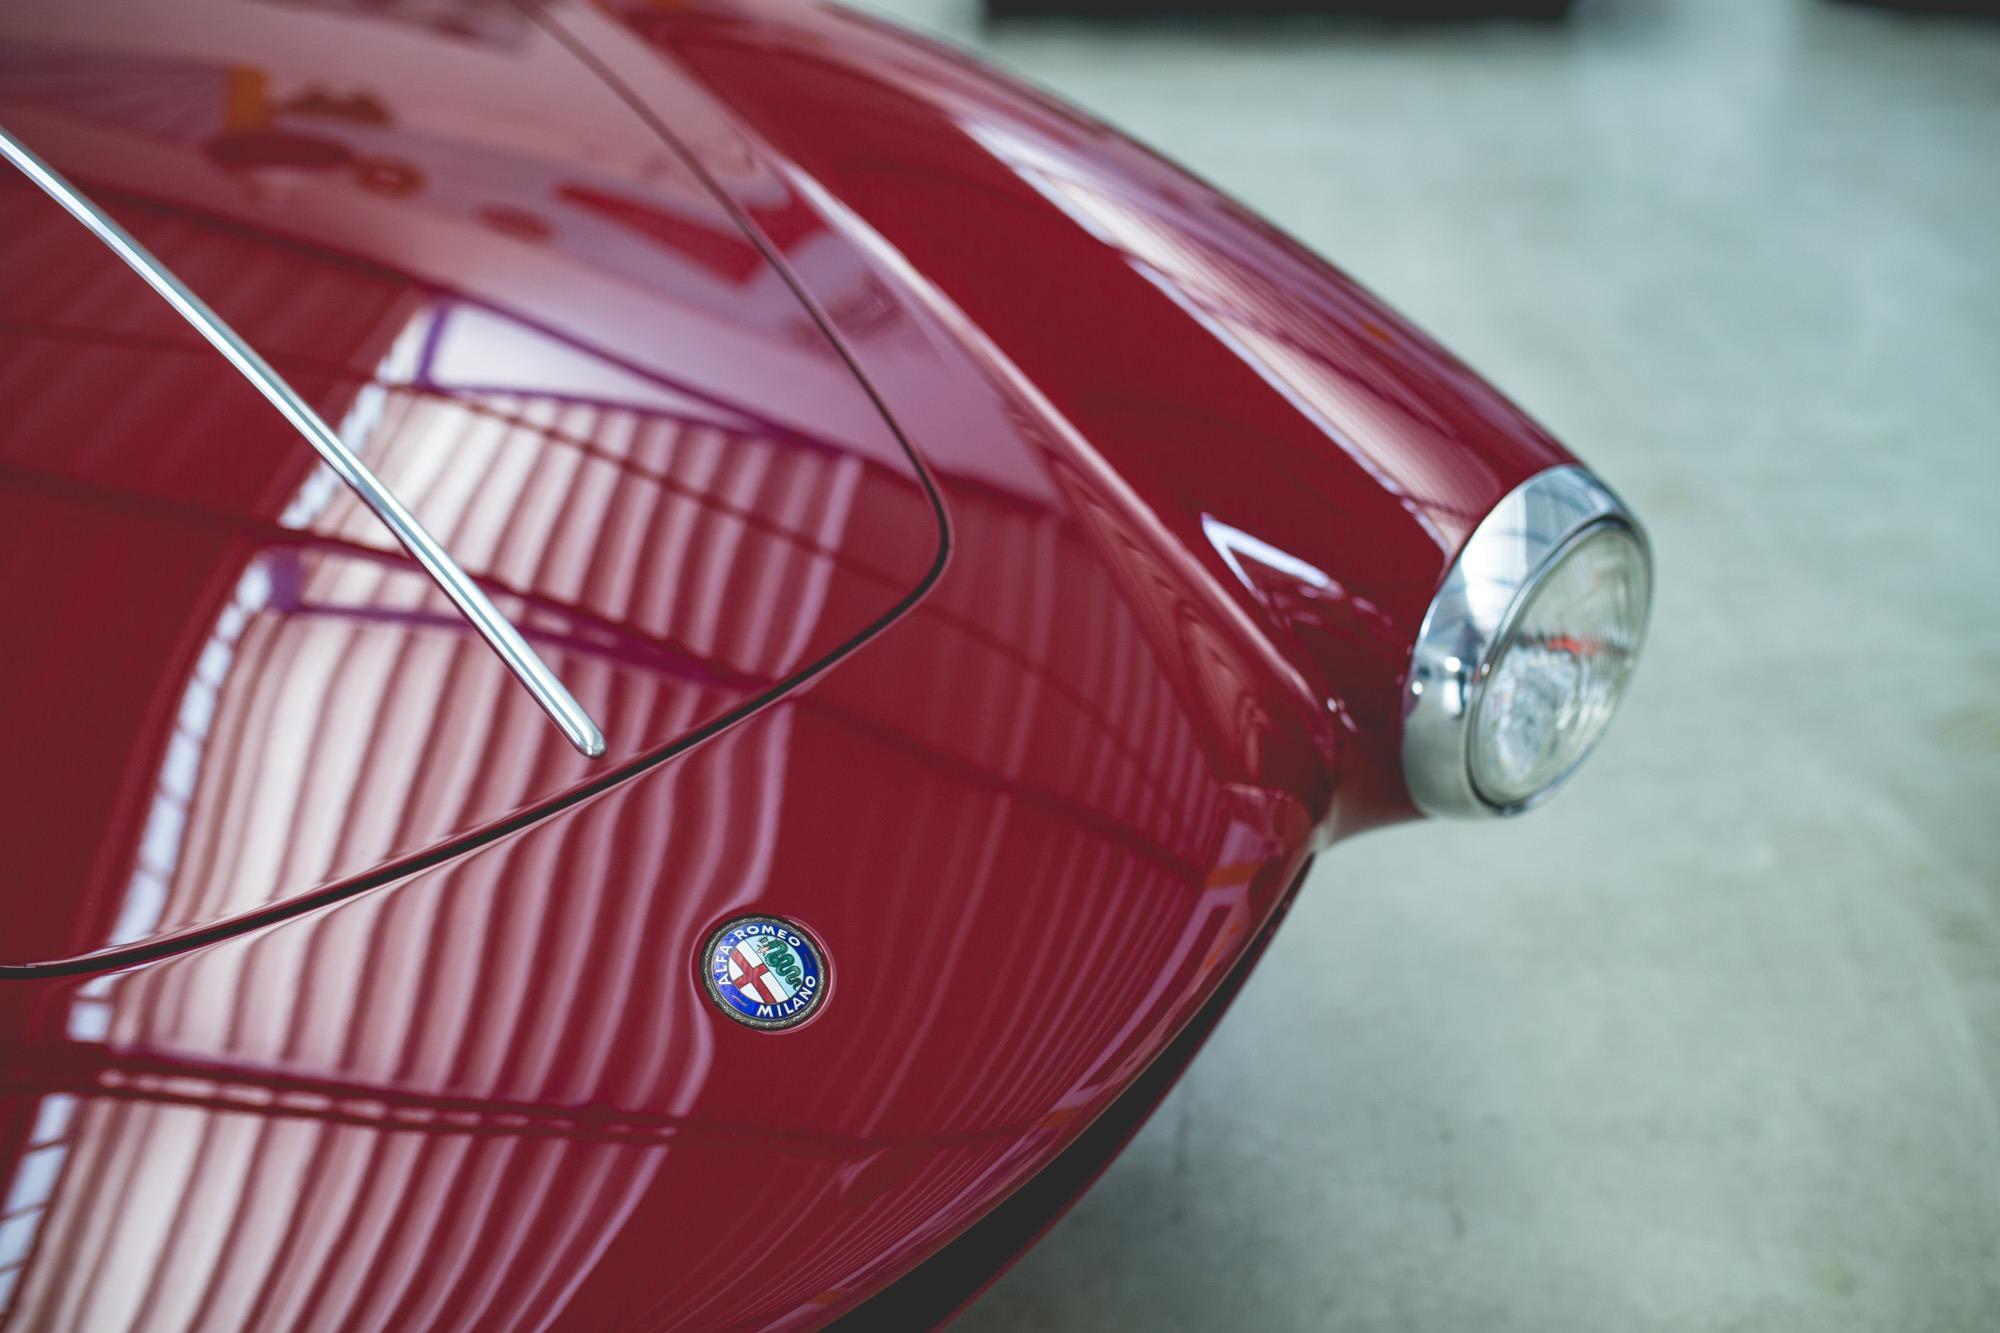 Concorso d'Eleganza Villa d'Este - Giulietta SS Prototipo - Lopresto Collection